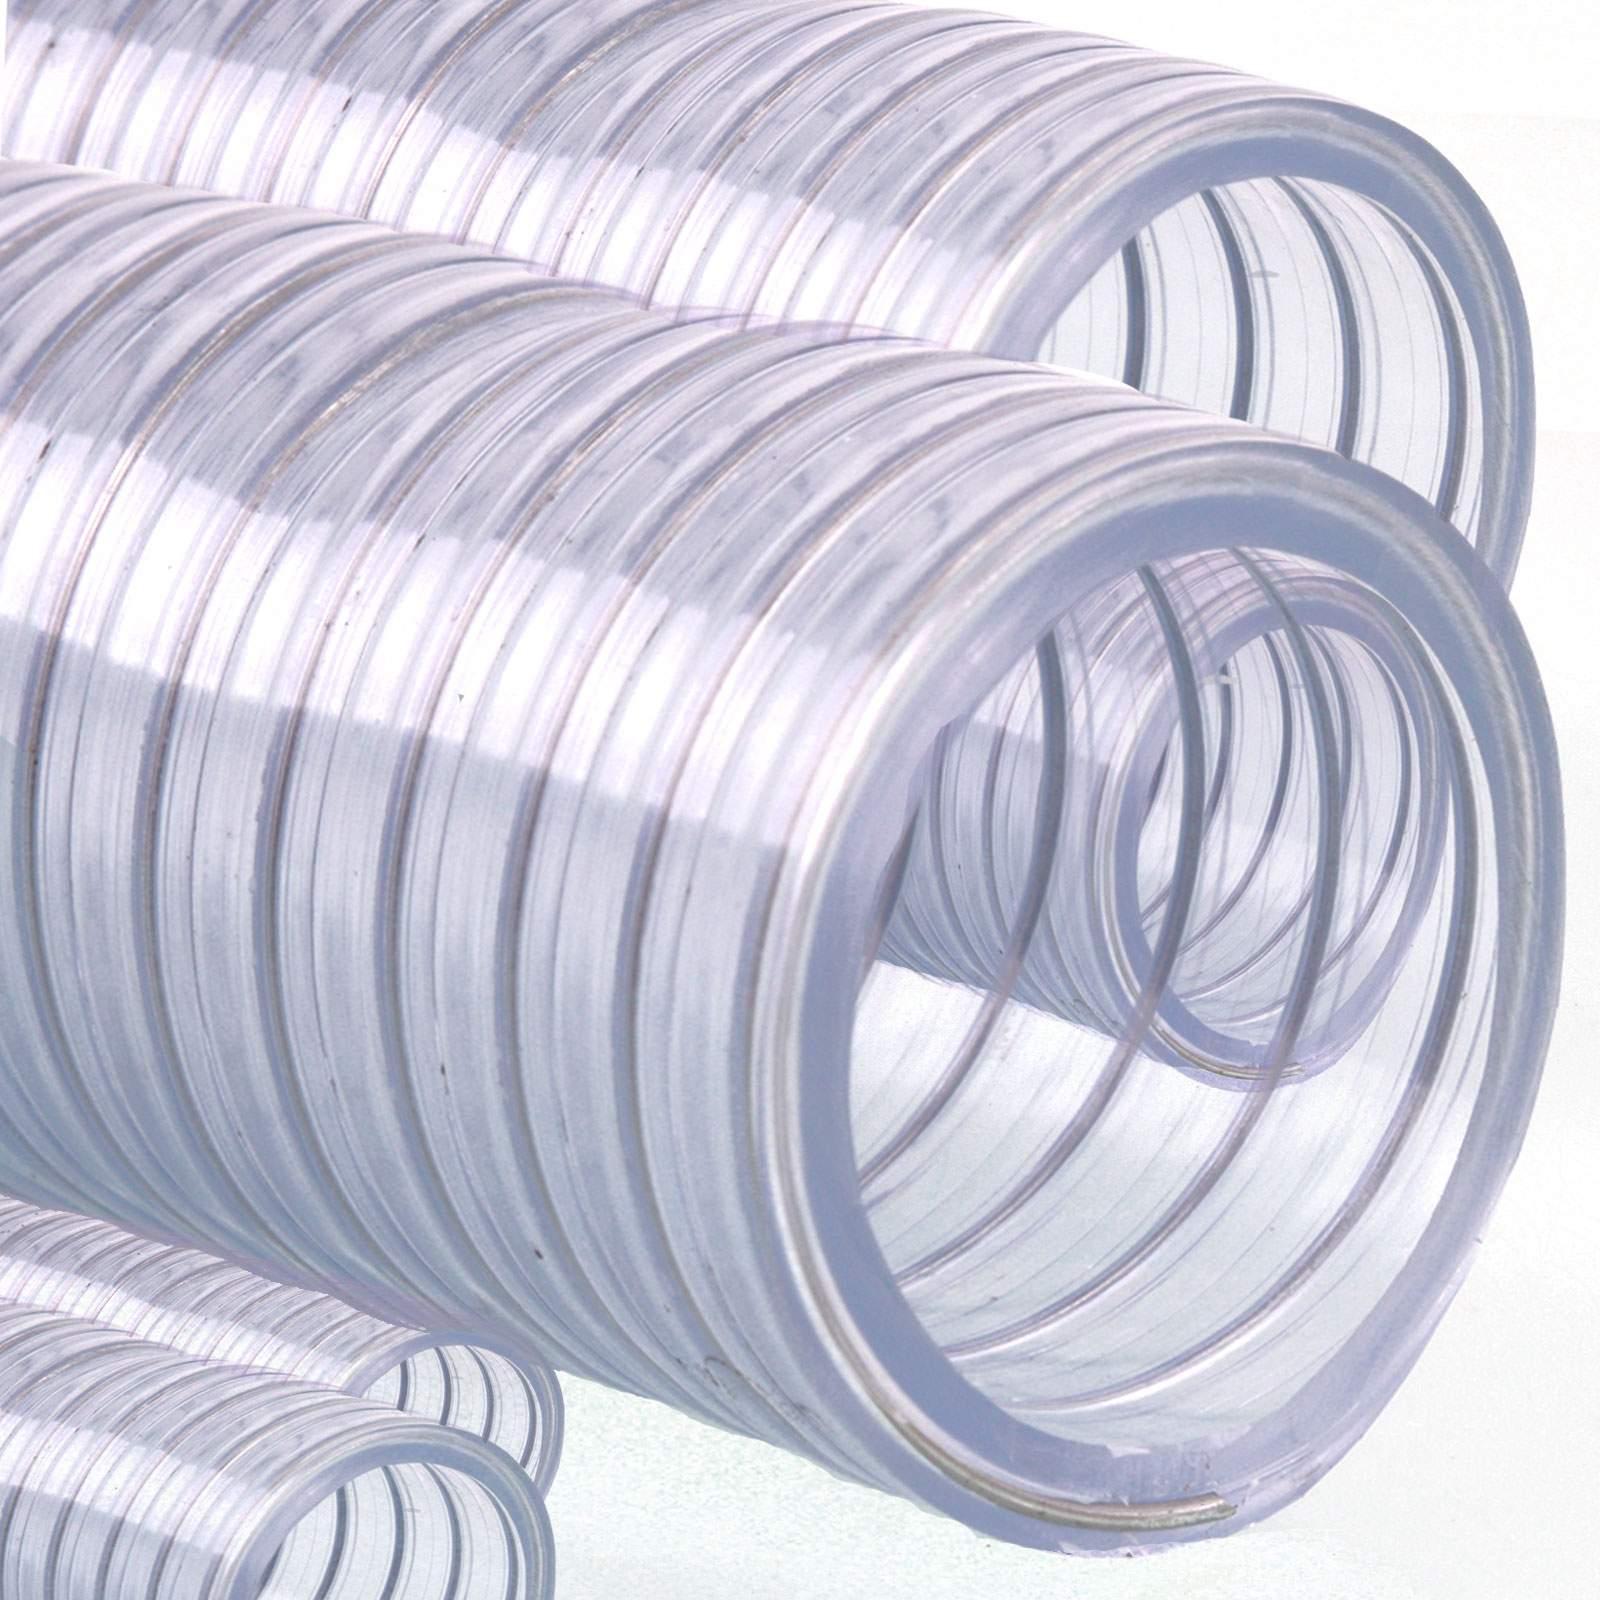 saugschlauch spiralschlauch abwasserschlauch stahlspirale transparent fl vr